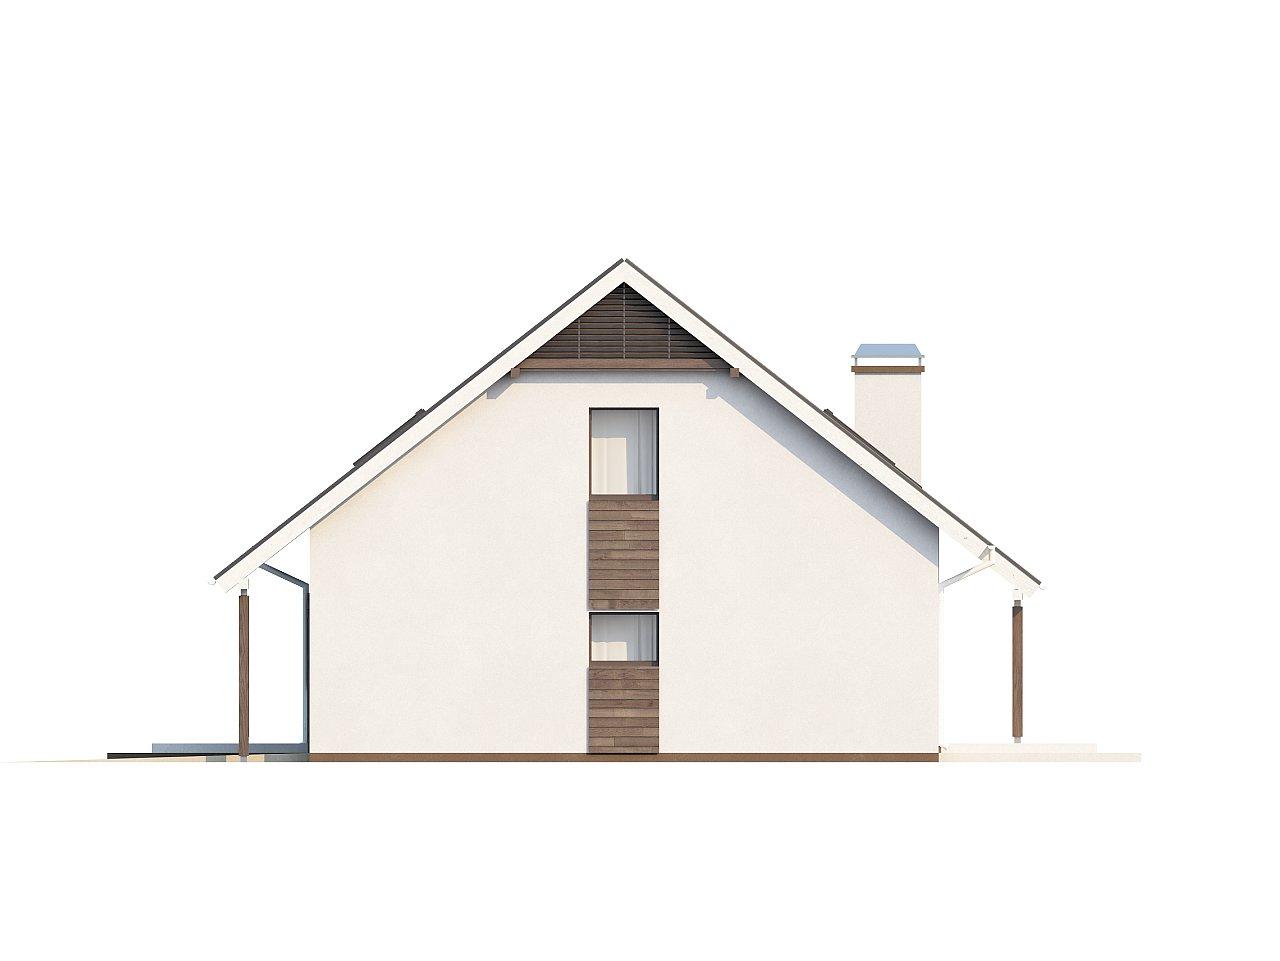 Практичный аккуратный дом с мансардой, со встроенным гаражом для одной машины. - фото 28